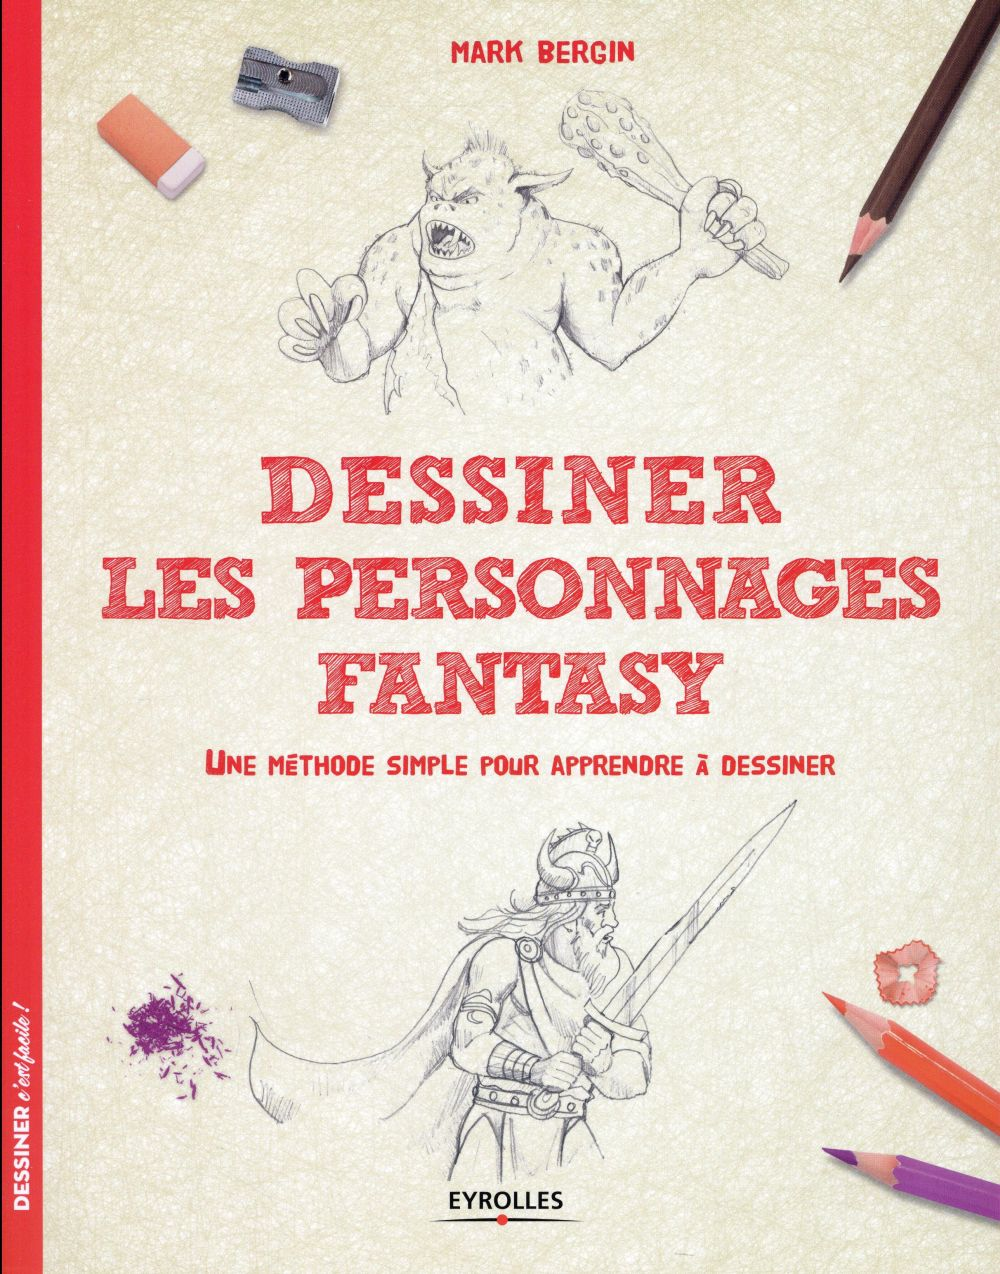 Dessiner les personnages fantasy ; une méthode simple pour apprendre à dessiner